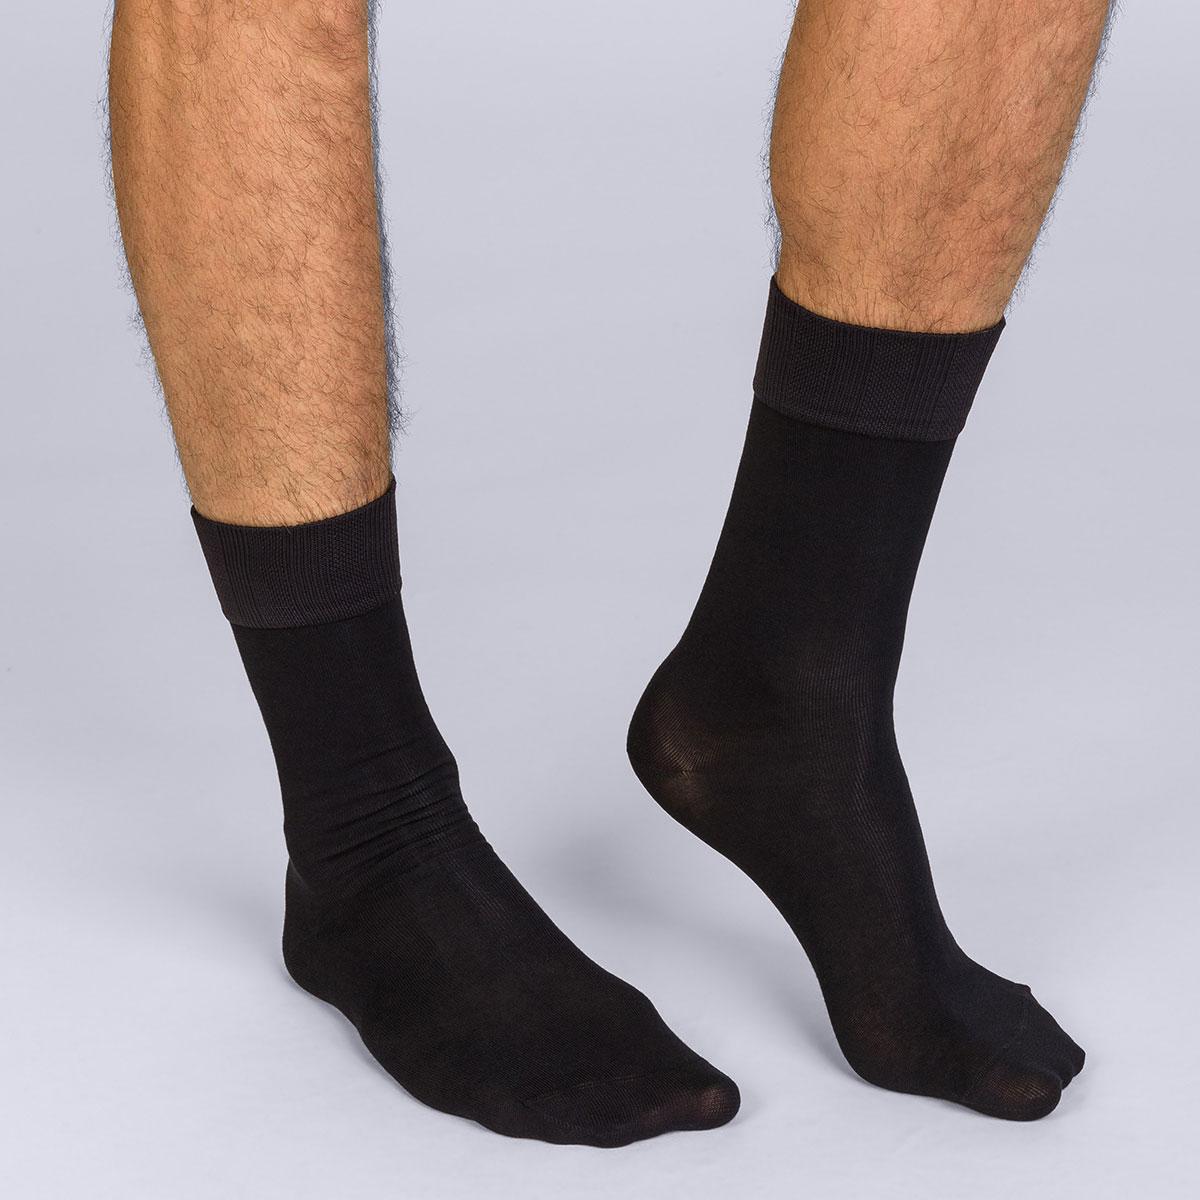 Mi-chaussettes Soft Touch - DIM - Modalova